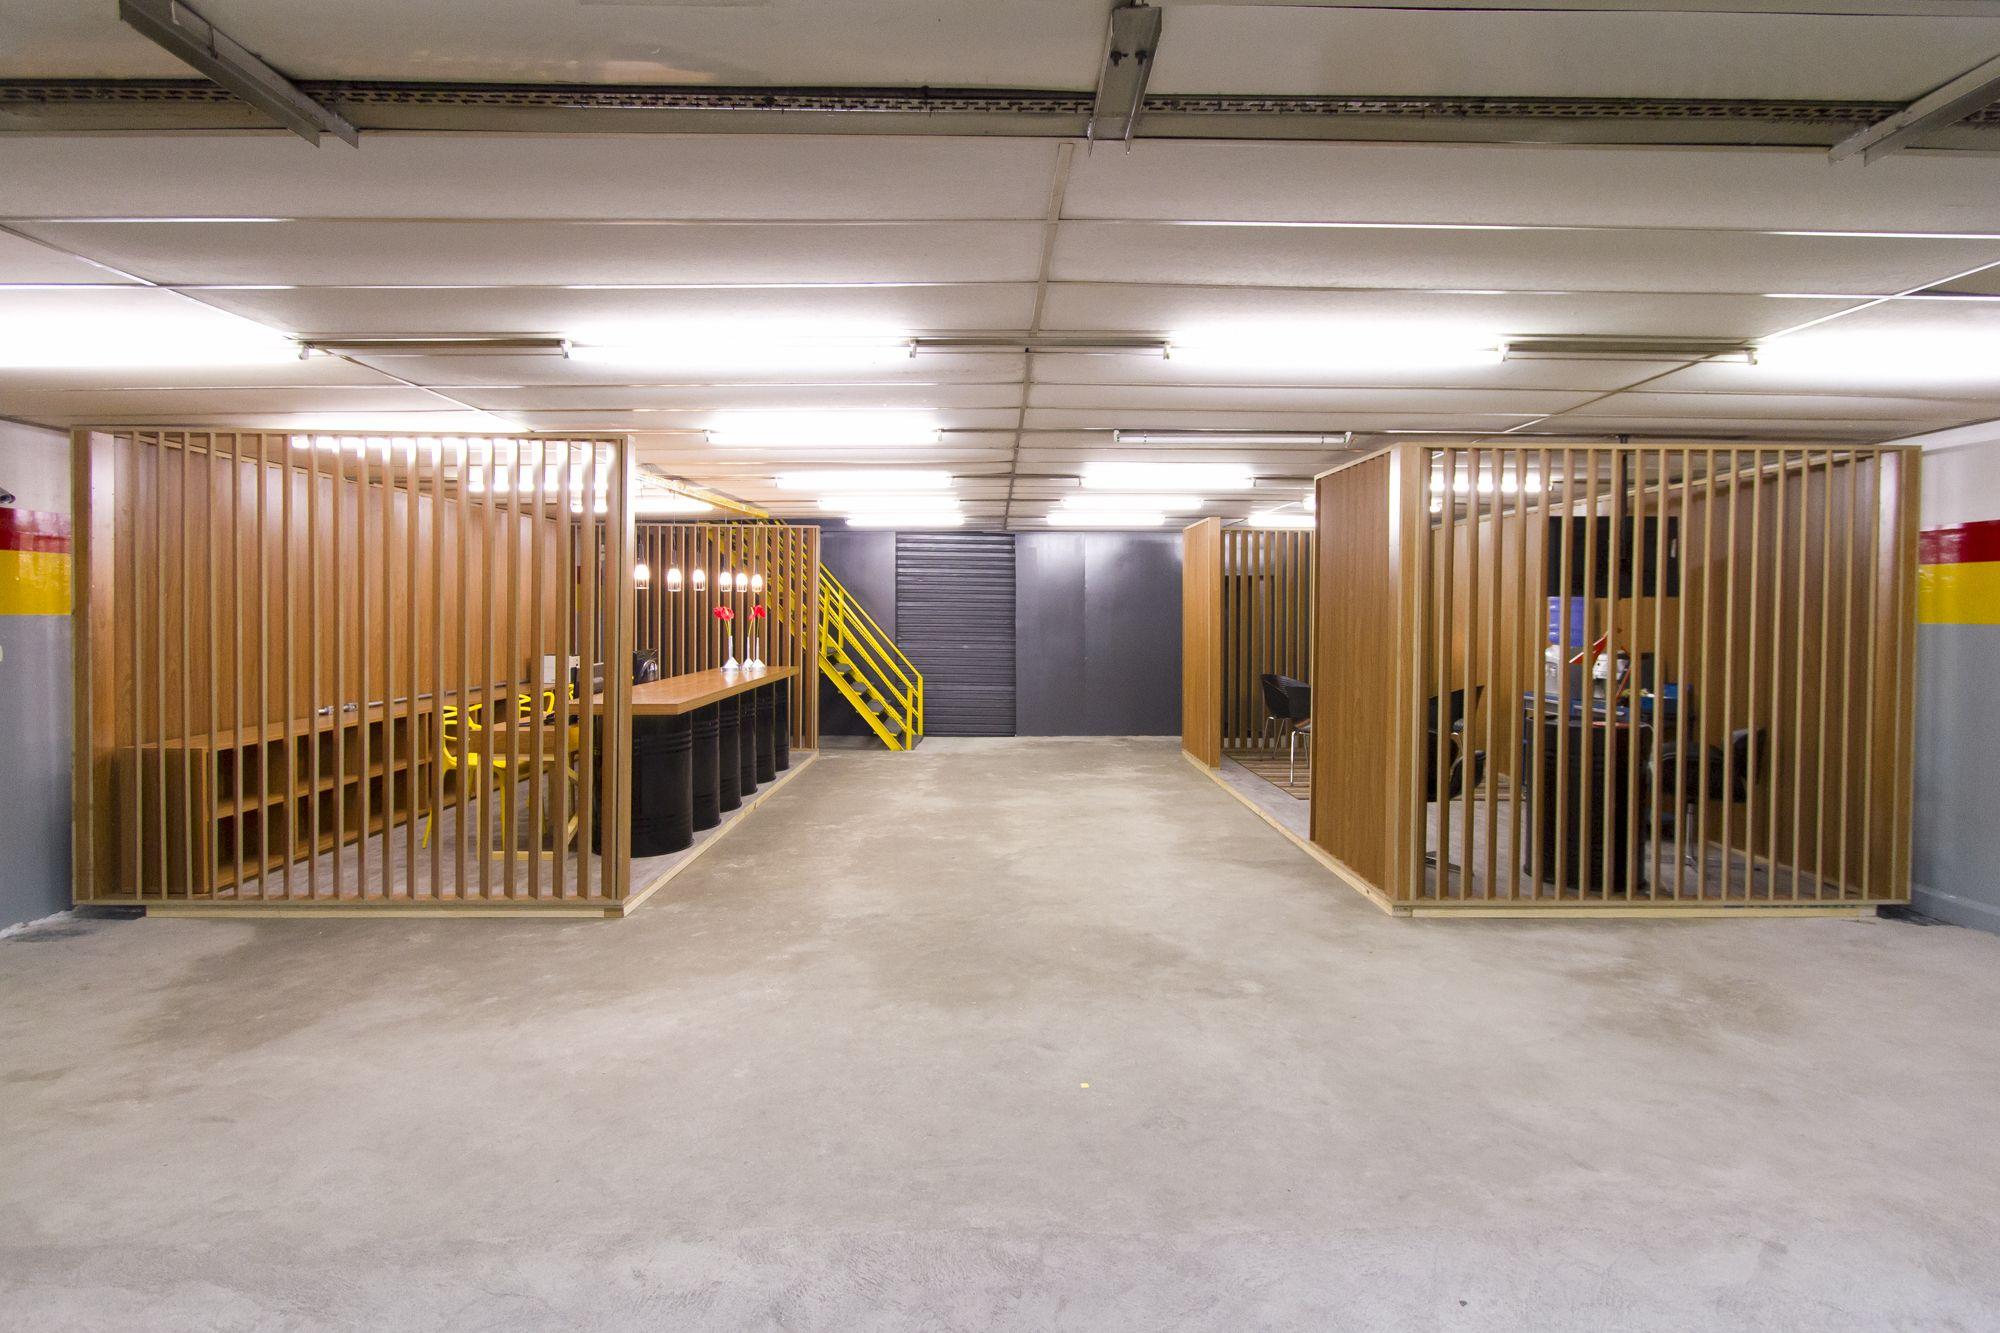 Decora rosenbaum temporada 2 oficina mec nica caixa de for Caixa valladolid oficinas